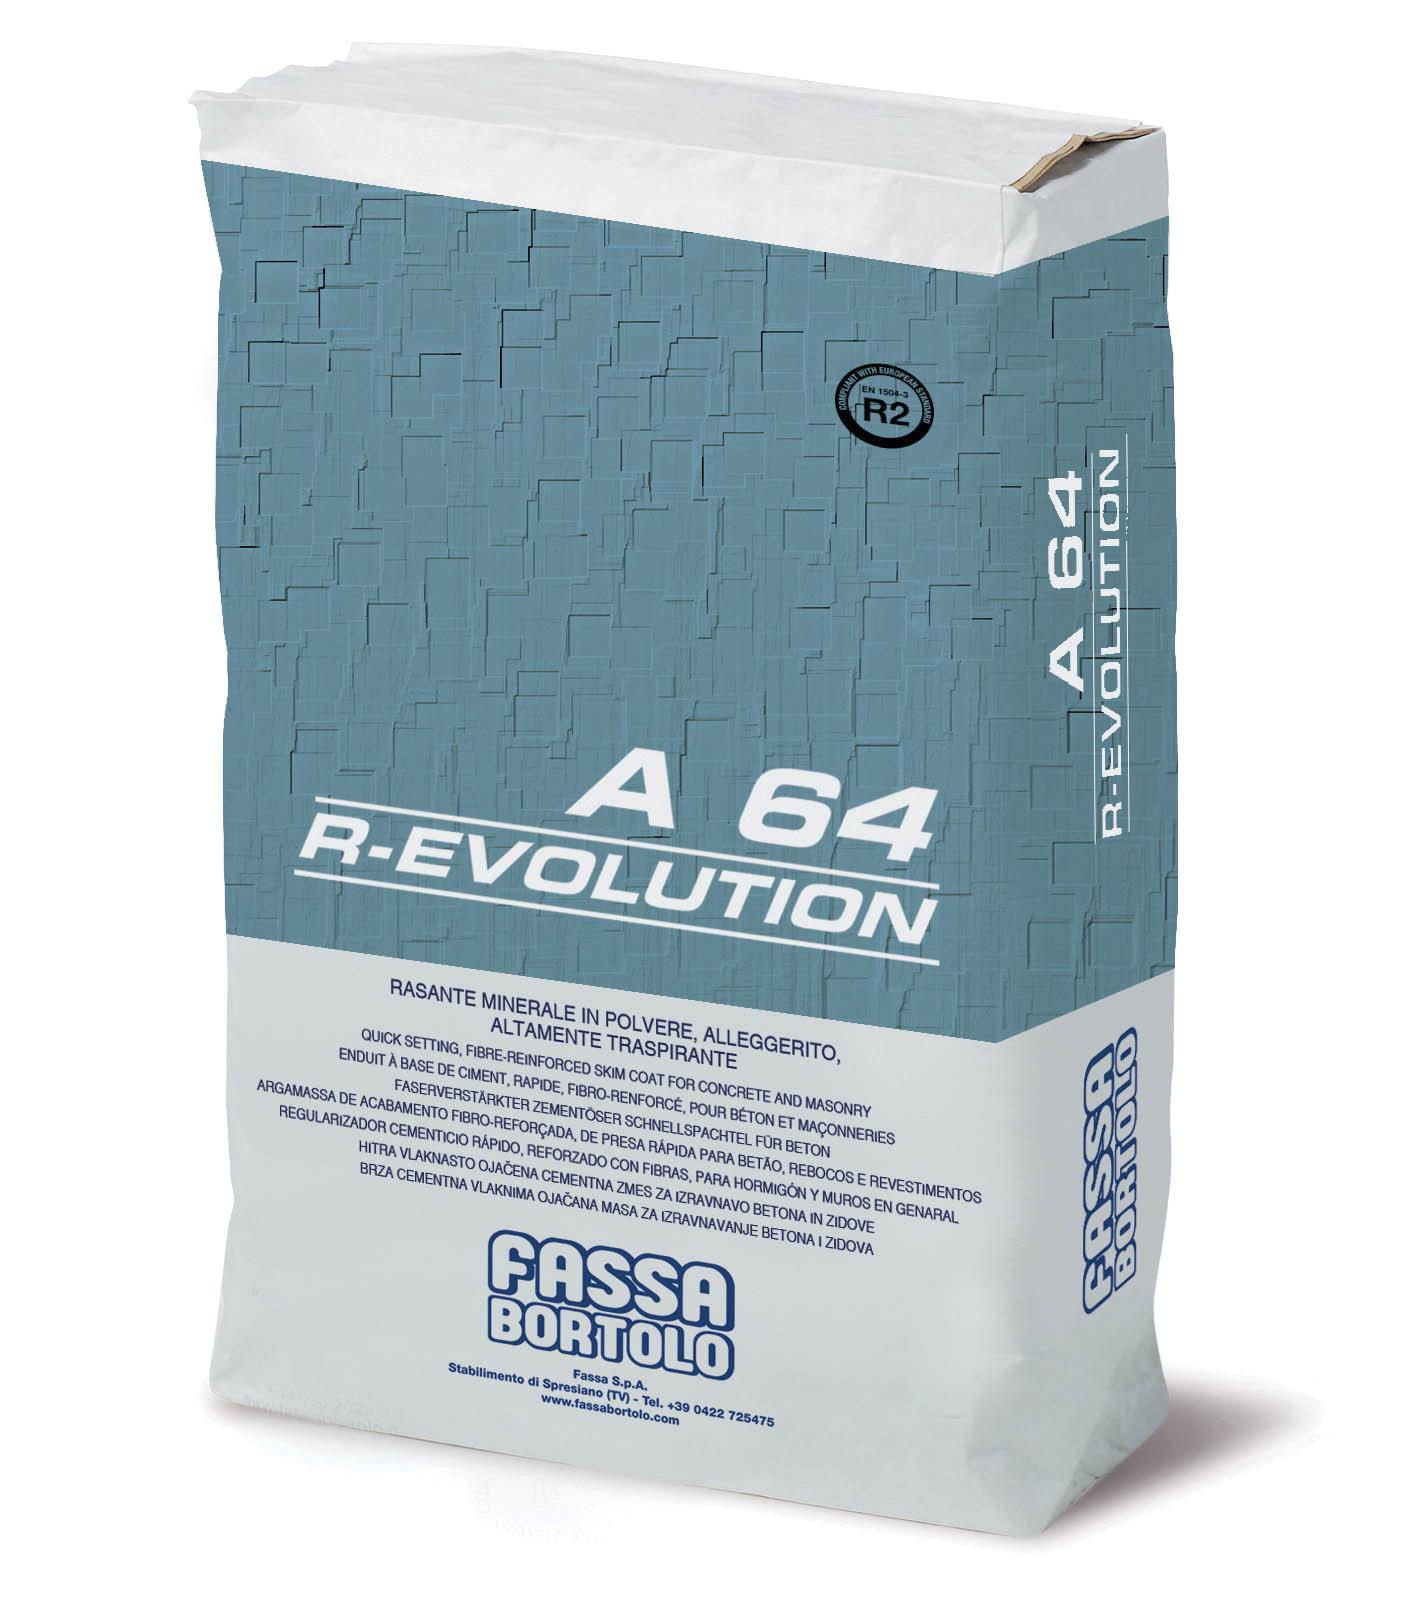 A 64 R-EVOLUTION: Regularizador mineral fibro-reforçado e hidrofugado, para aplicar sobre superfícies de elevada resistência mecânica, à base de cal e ligante hidráulico, para interior e exterior